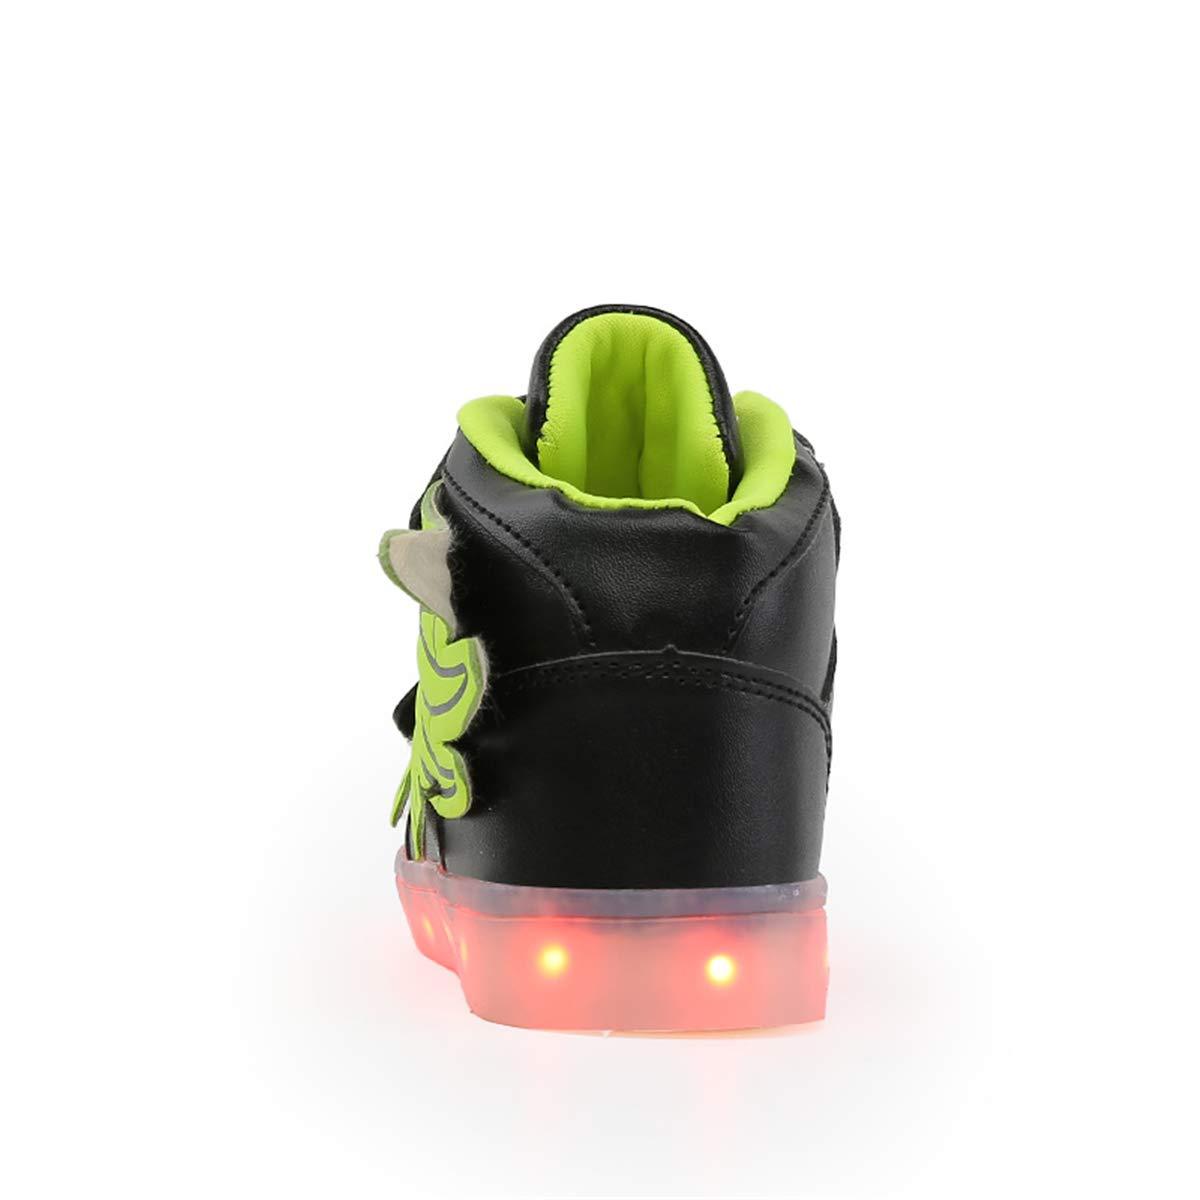 Kauson Mixte Enfants LED Chaussures de Sport 7 Changement de Couleur Chaussure de Mutilsport USB Rechargeable LED Lumineuse Baskets Mode Respirante Running Sneakers pour Gar/çons et Filles Cadeau